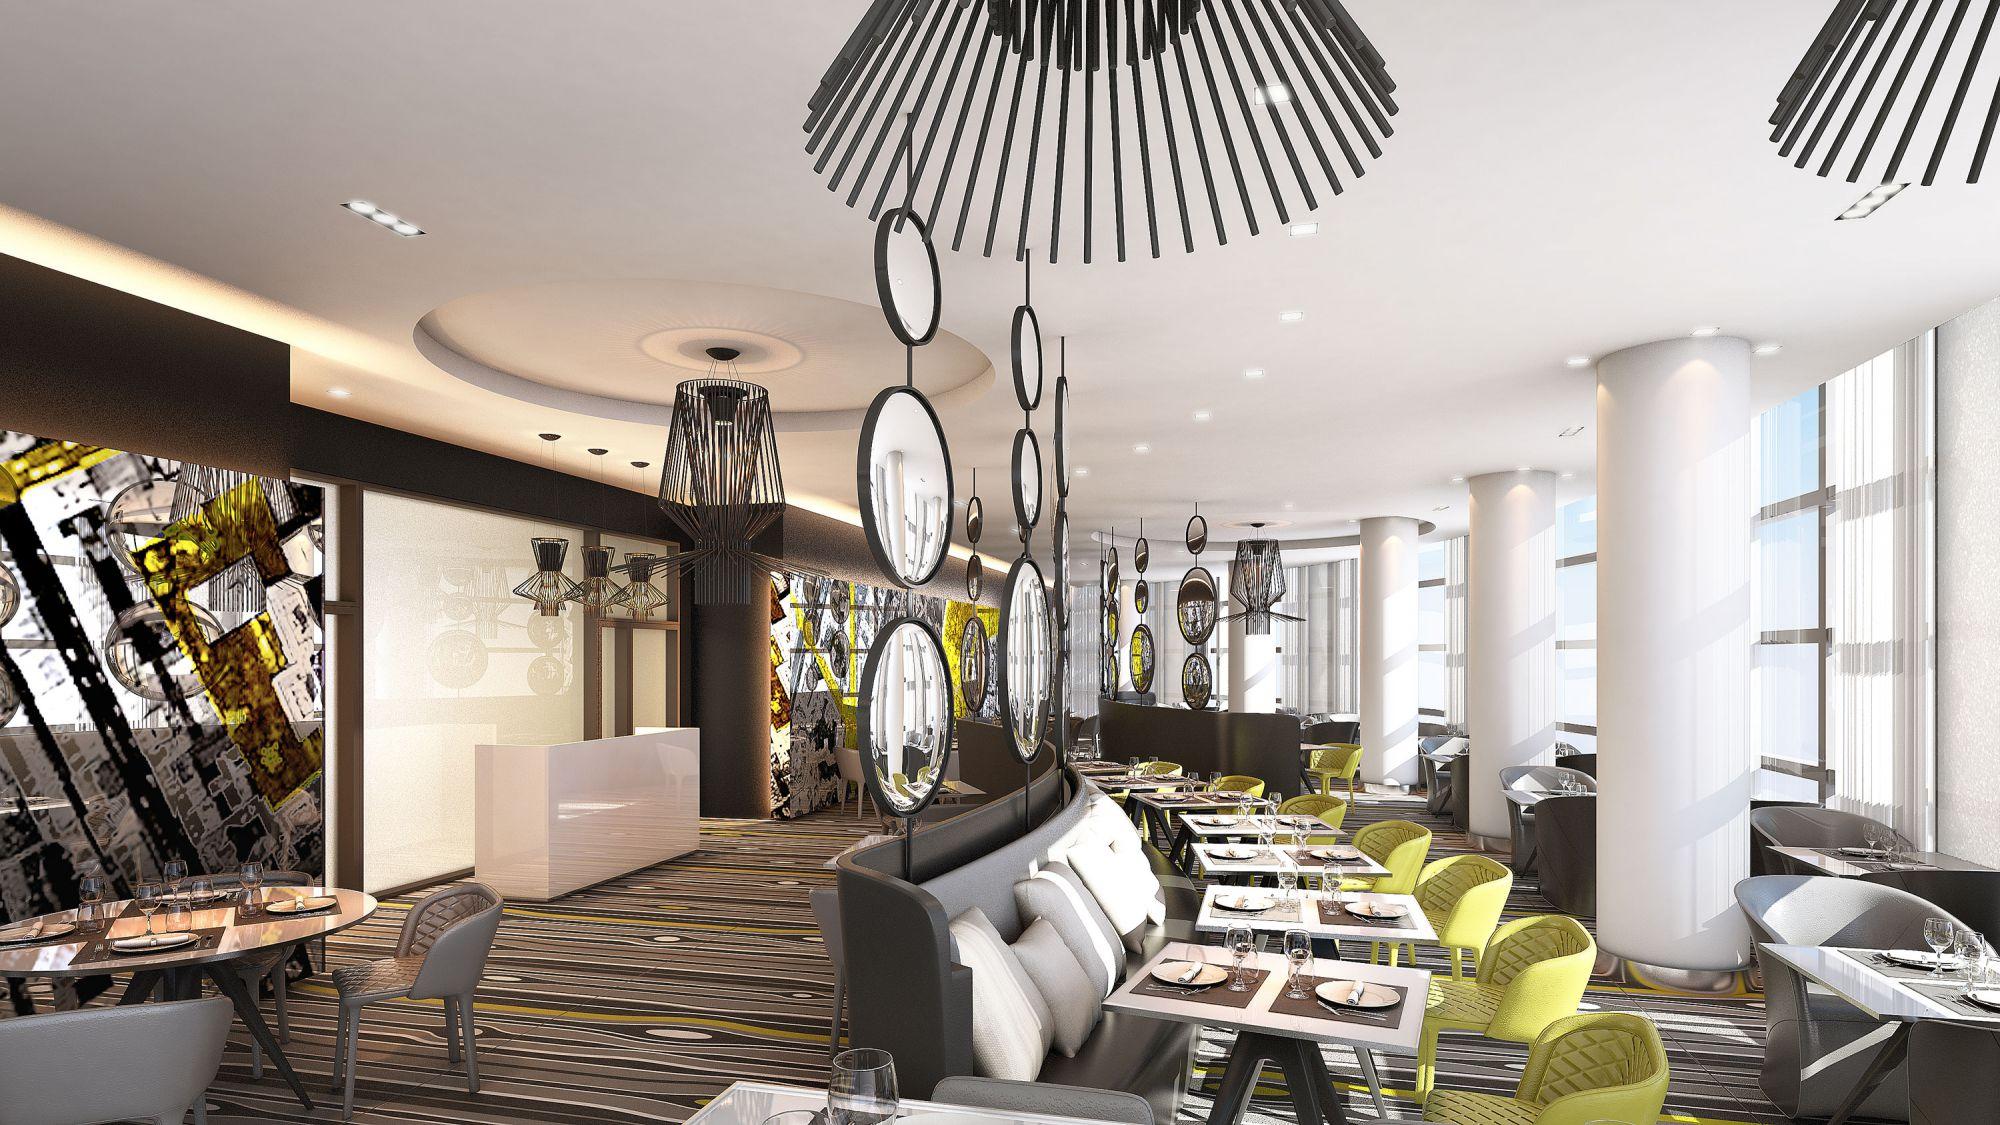 Restaurant vue 3D